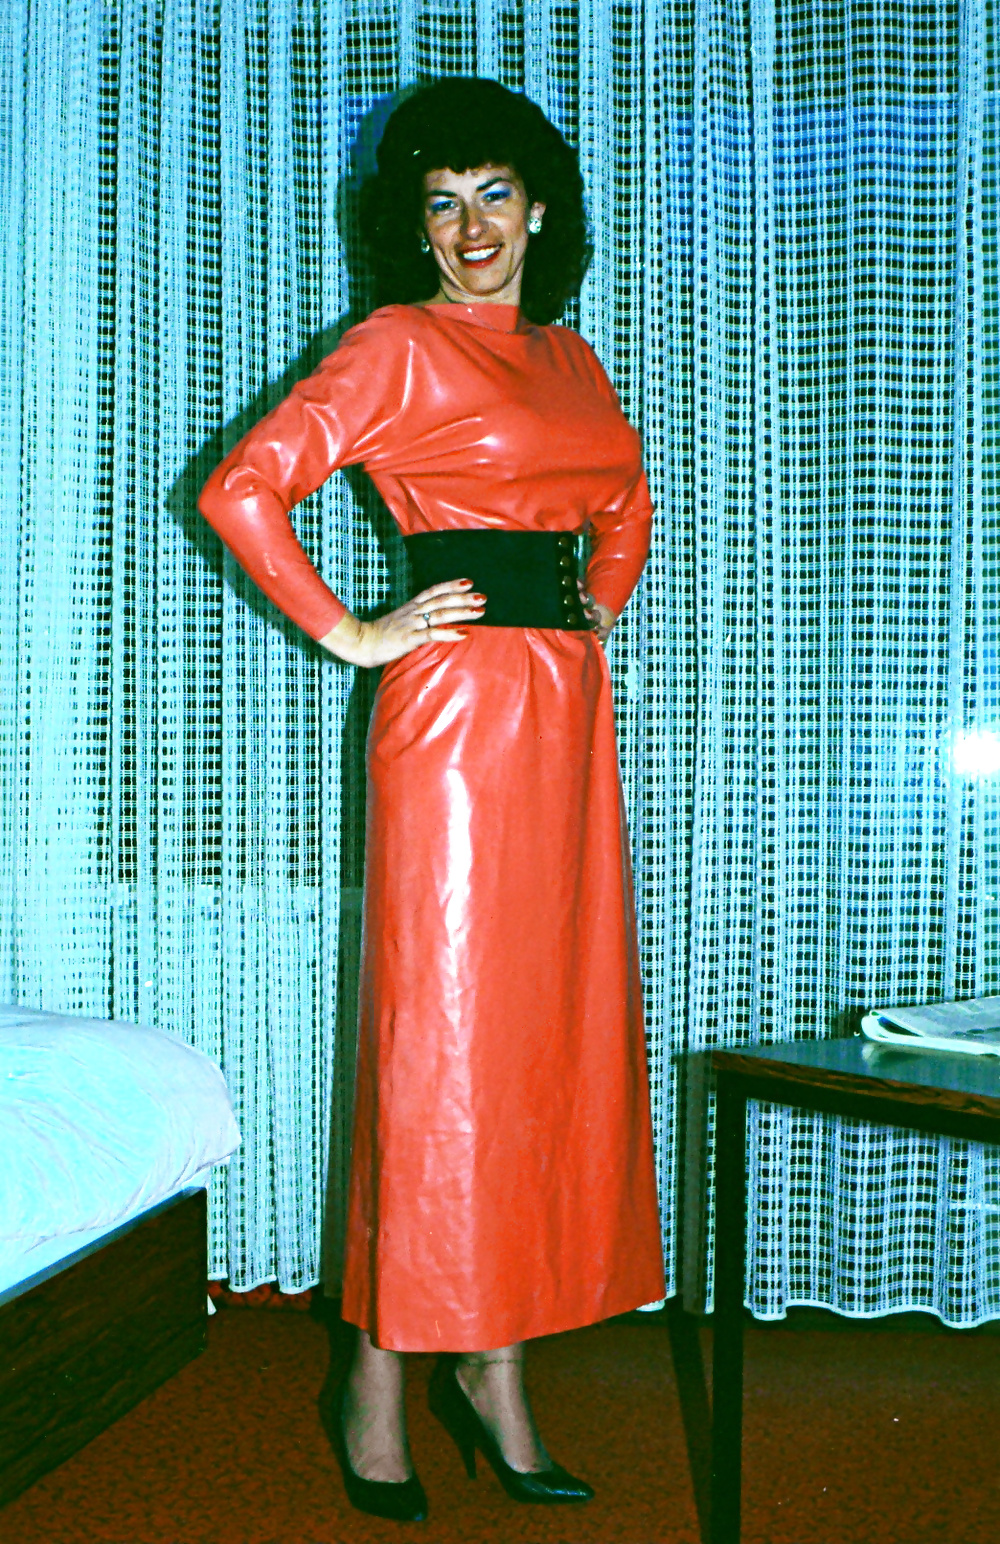 La petite etrangere 1981 - 4 2